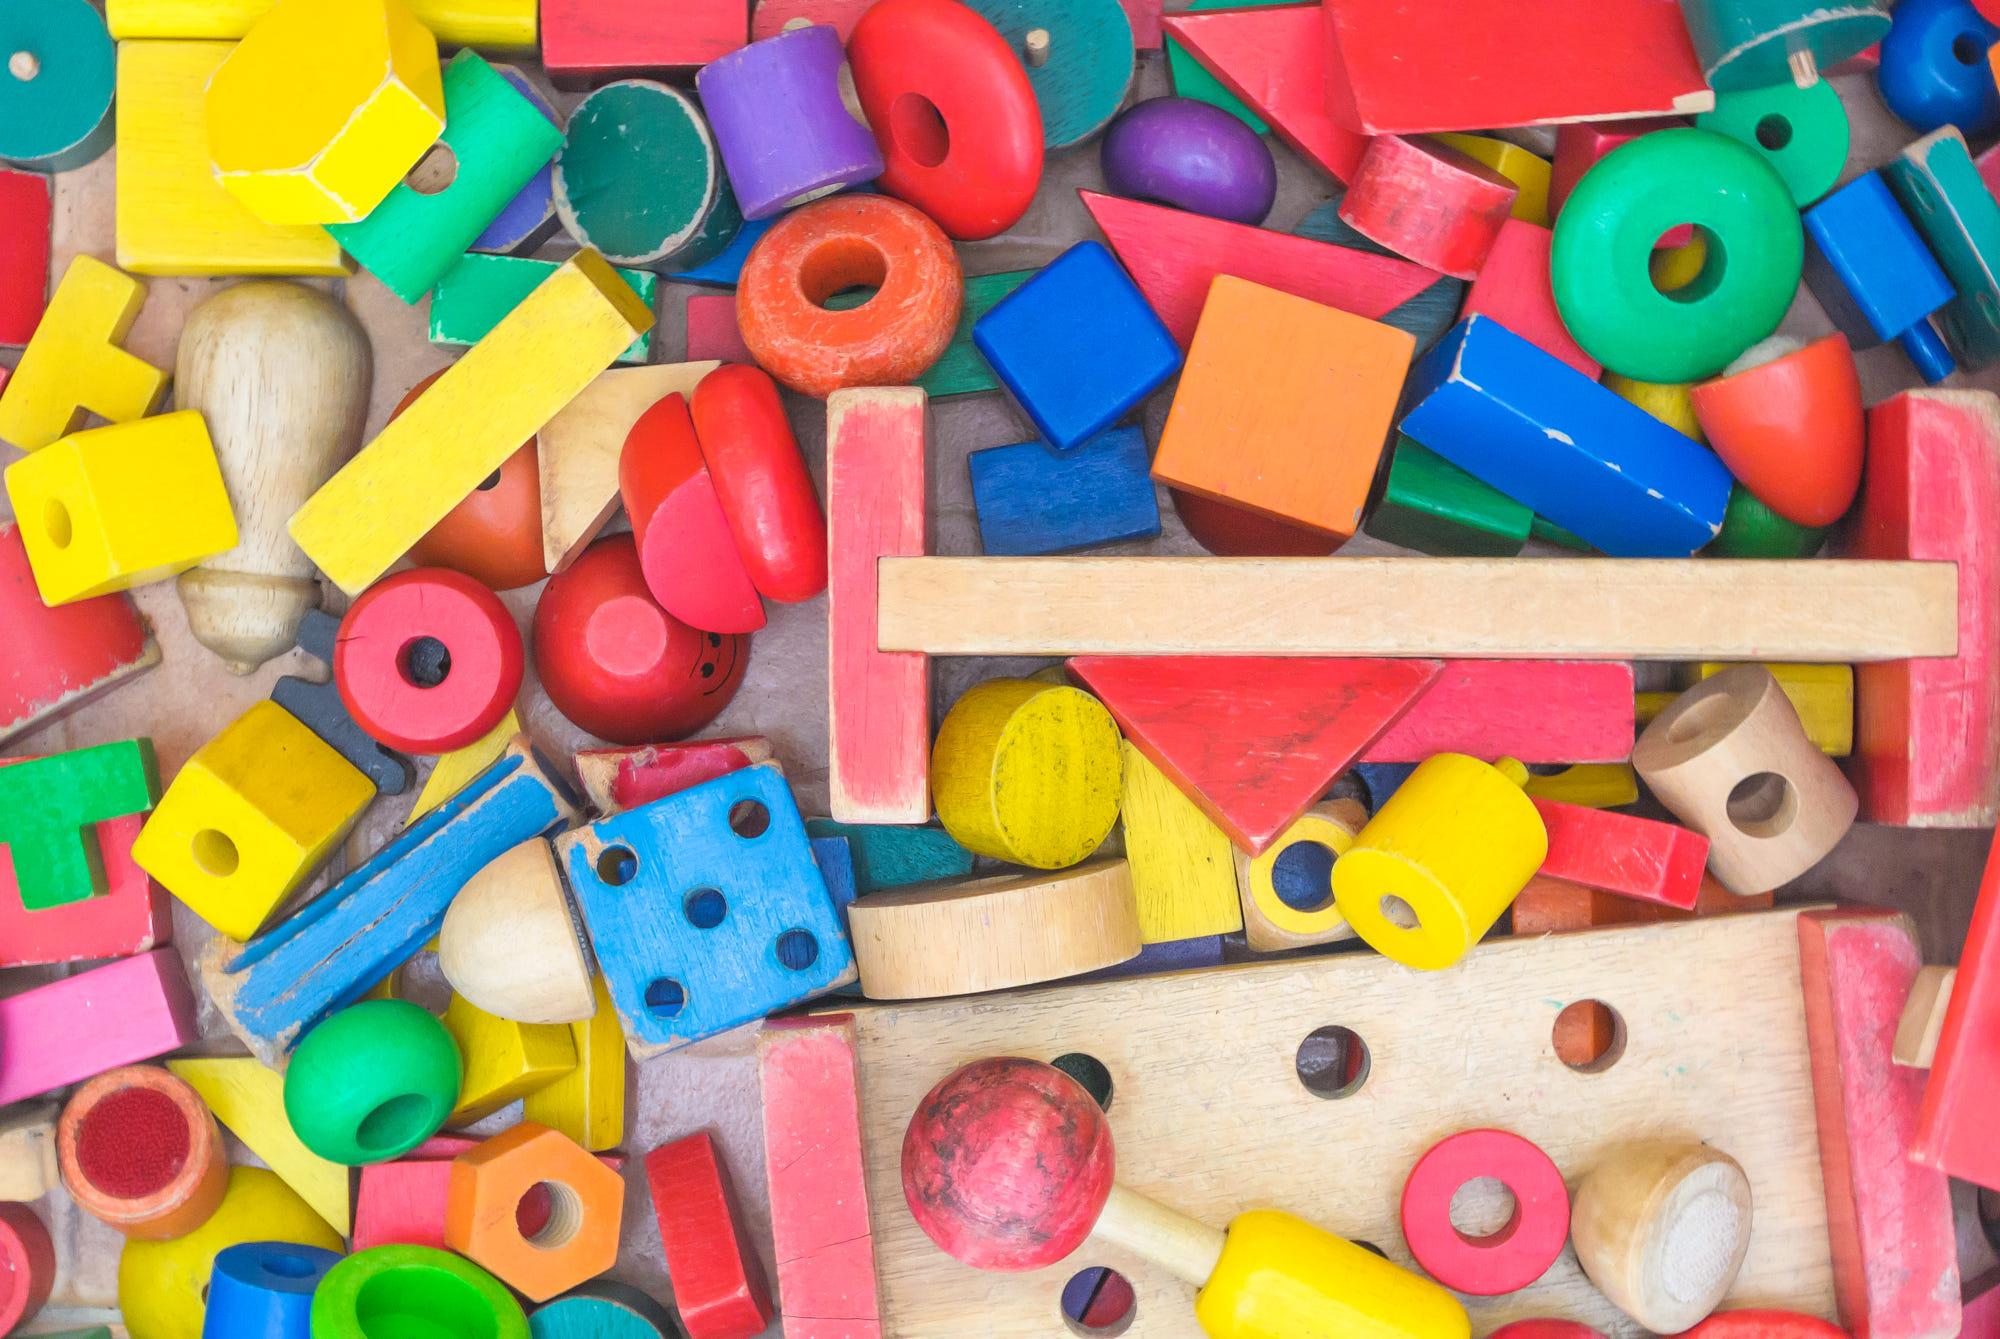 Oyun Neden Önemli?, İLK EVİN - Özel Eğitim ve Rehabilitasyon Merkezi